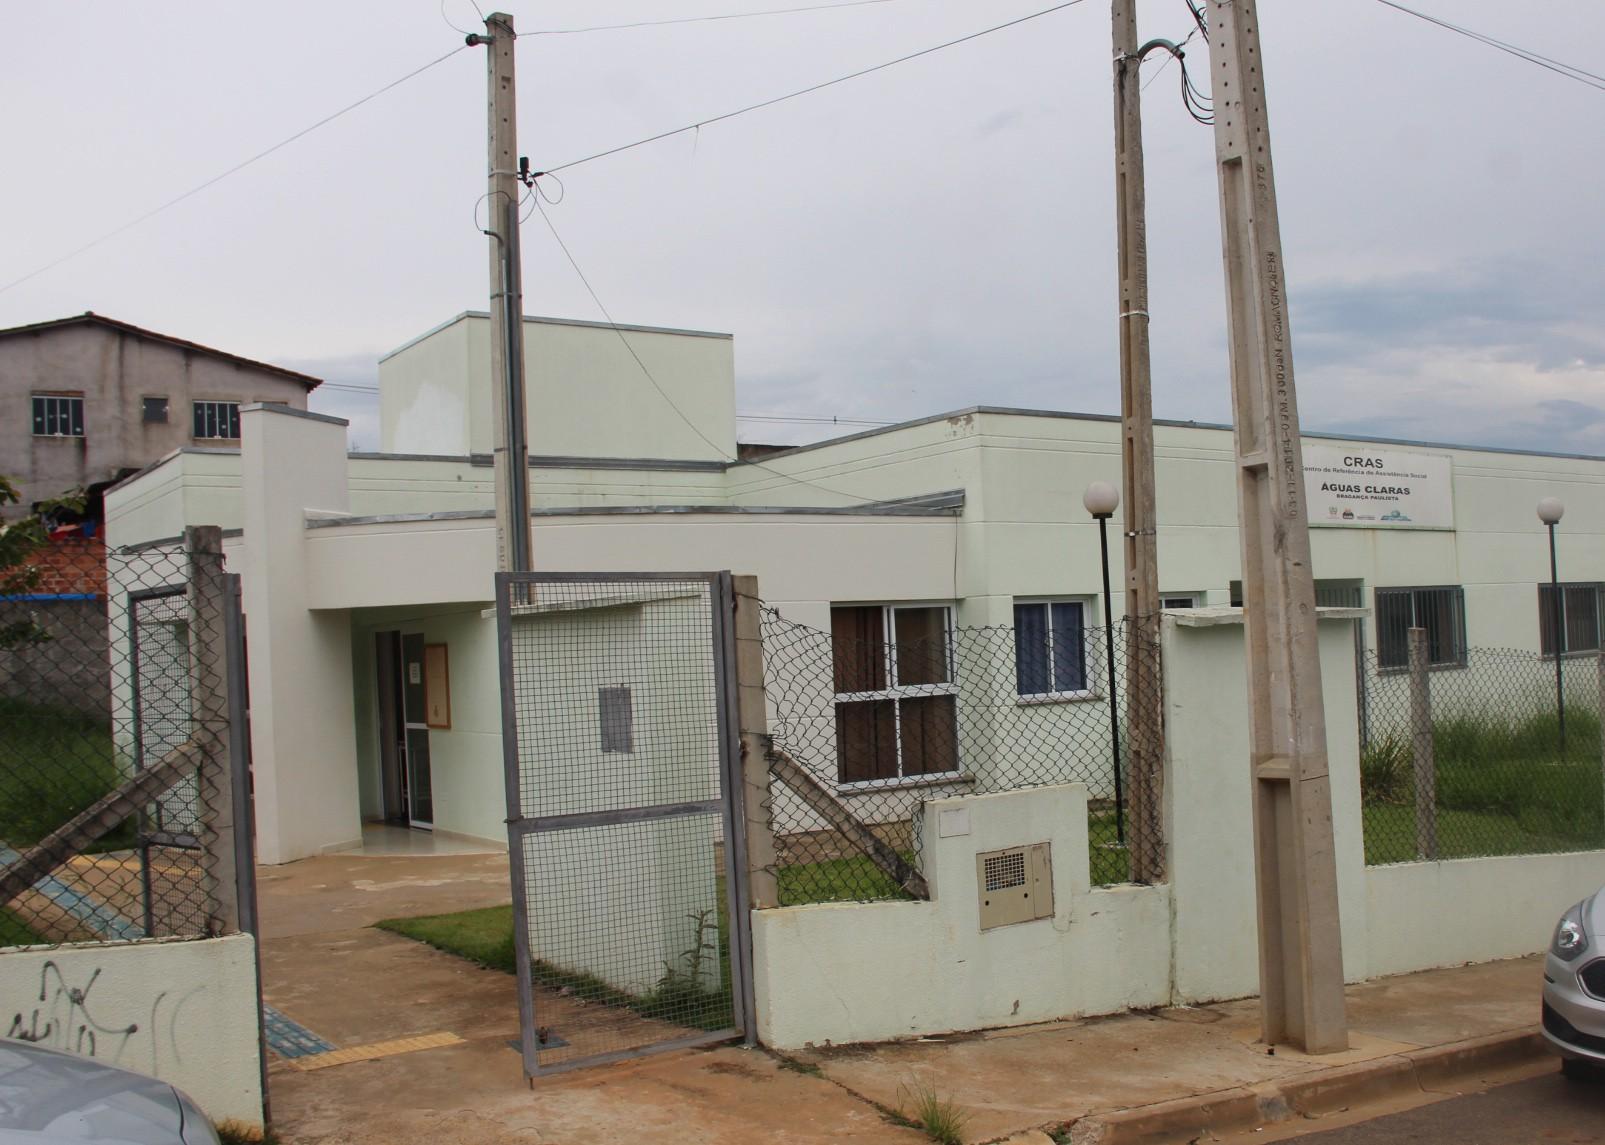 Homem é preso após furtar fios elétricos de centro de assistência social em Bragança Paulista